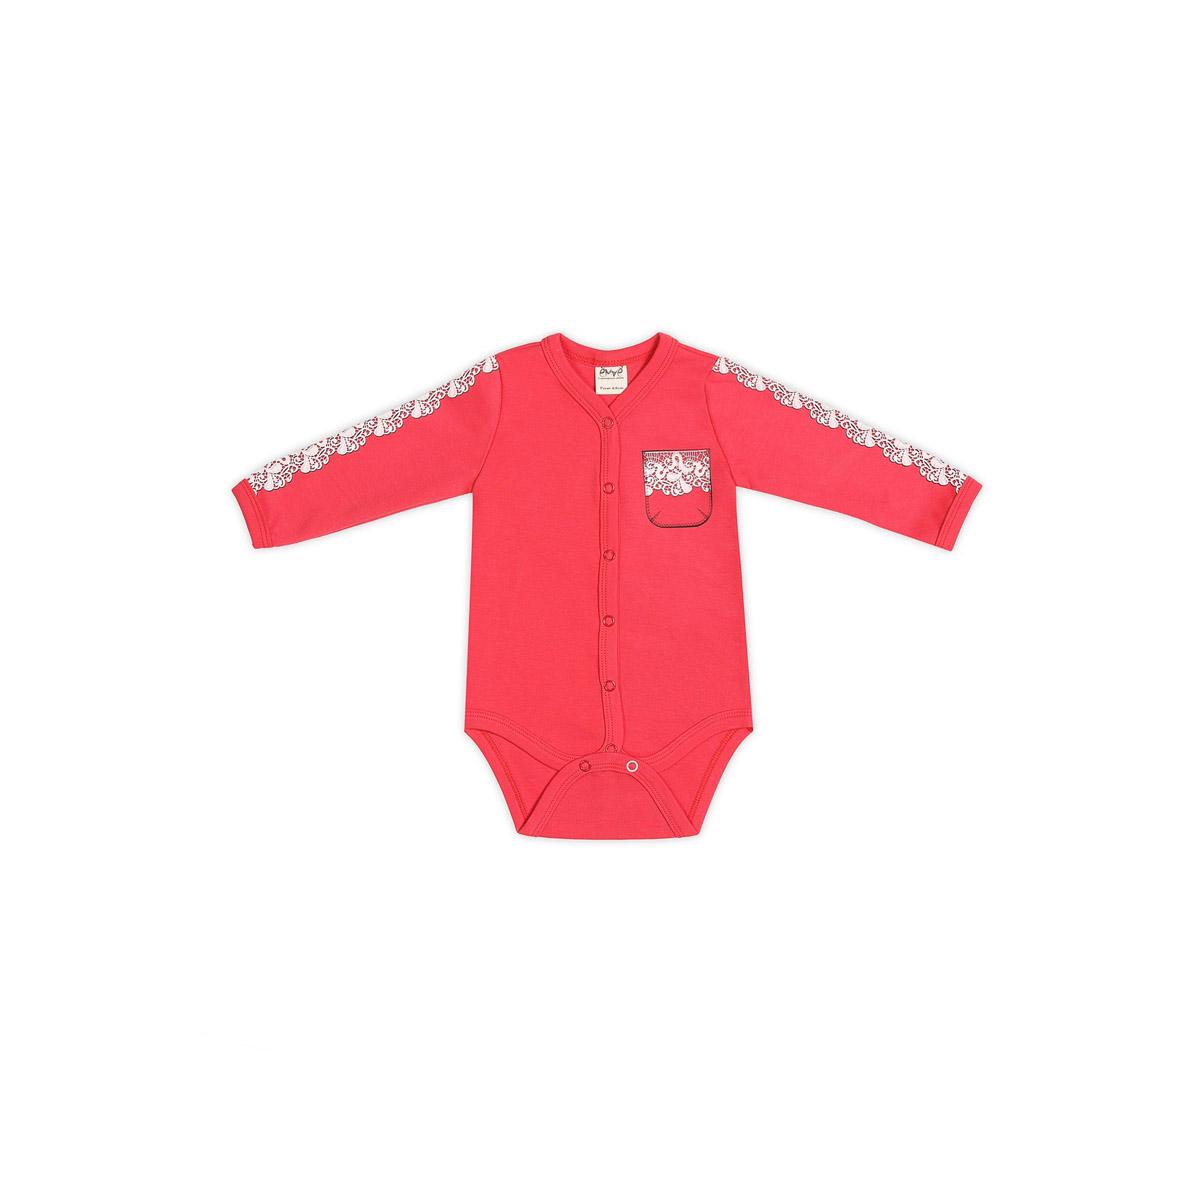 Боди Ёмаё Спорт (24-261) рост 74 ярко-розовый<br>